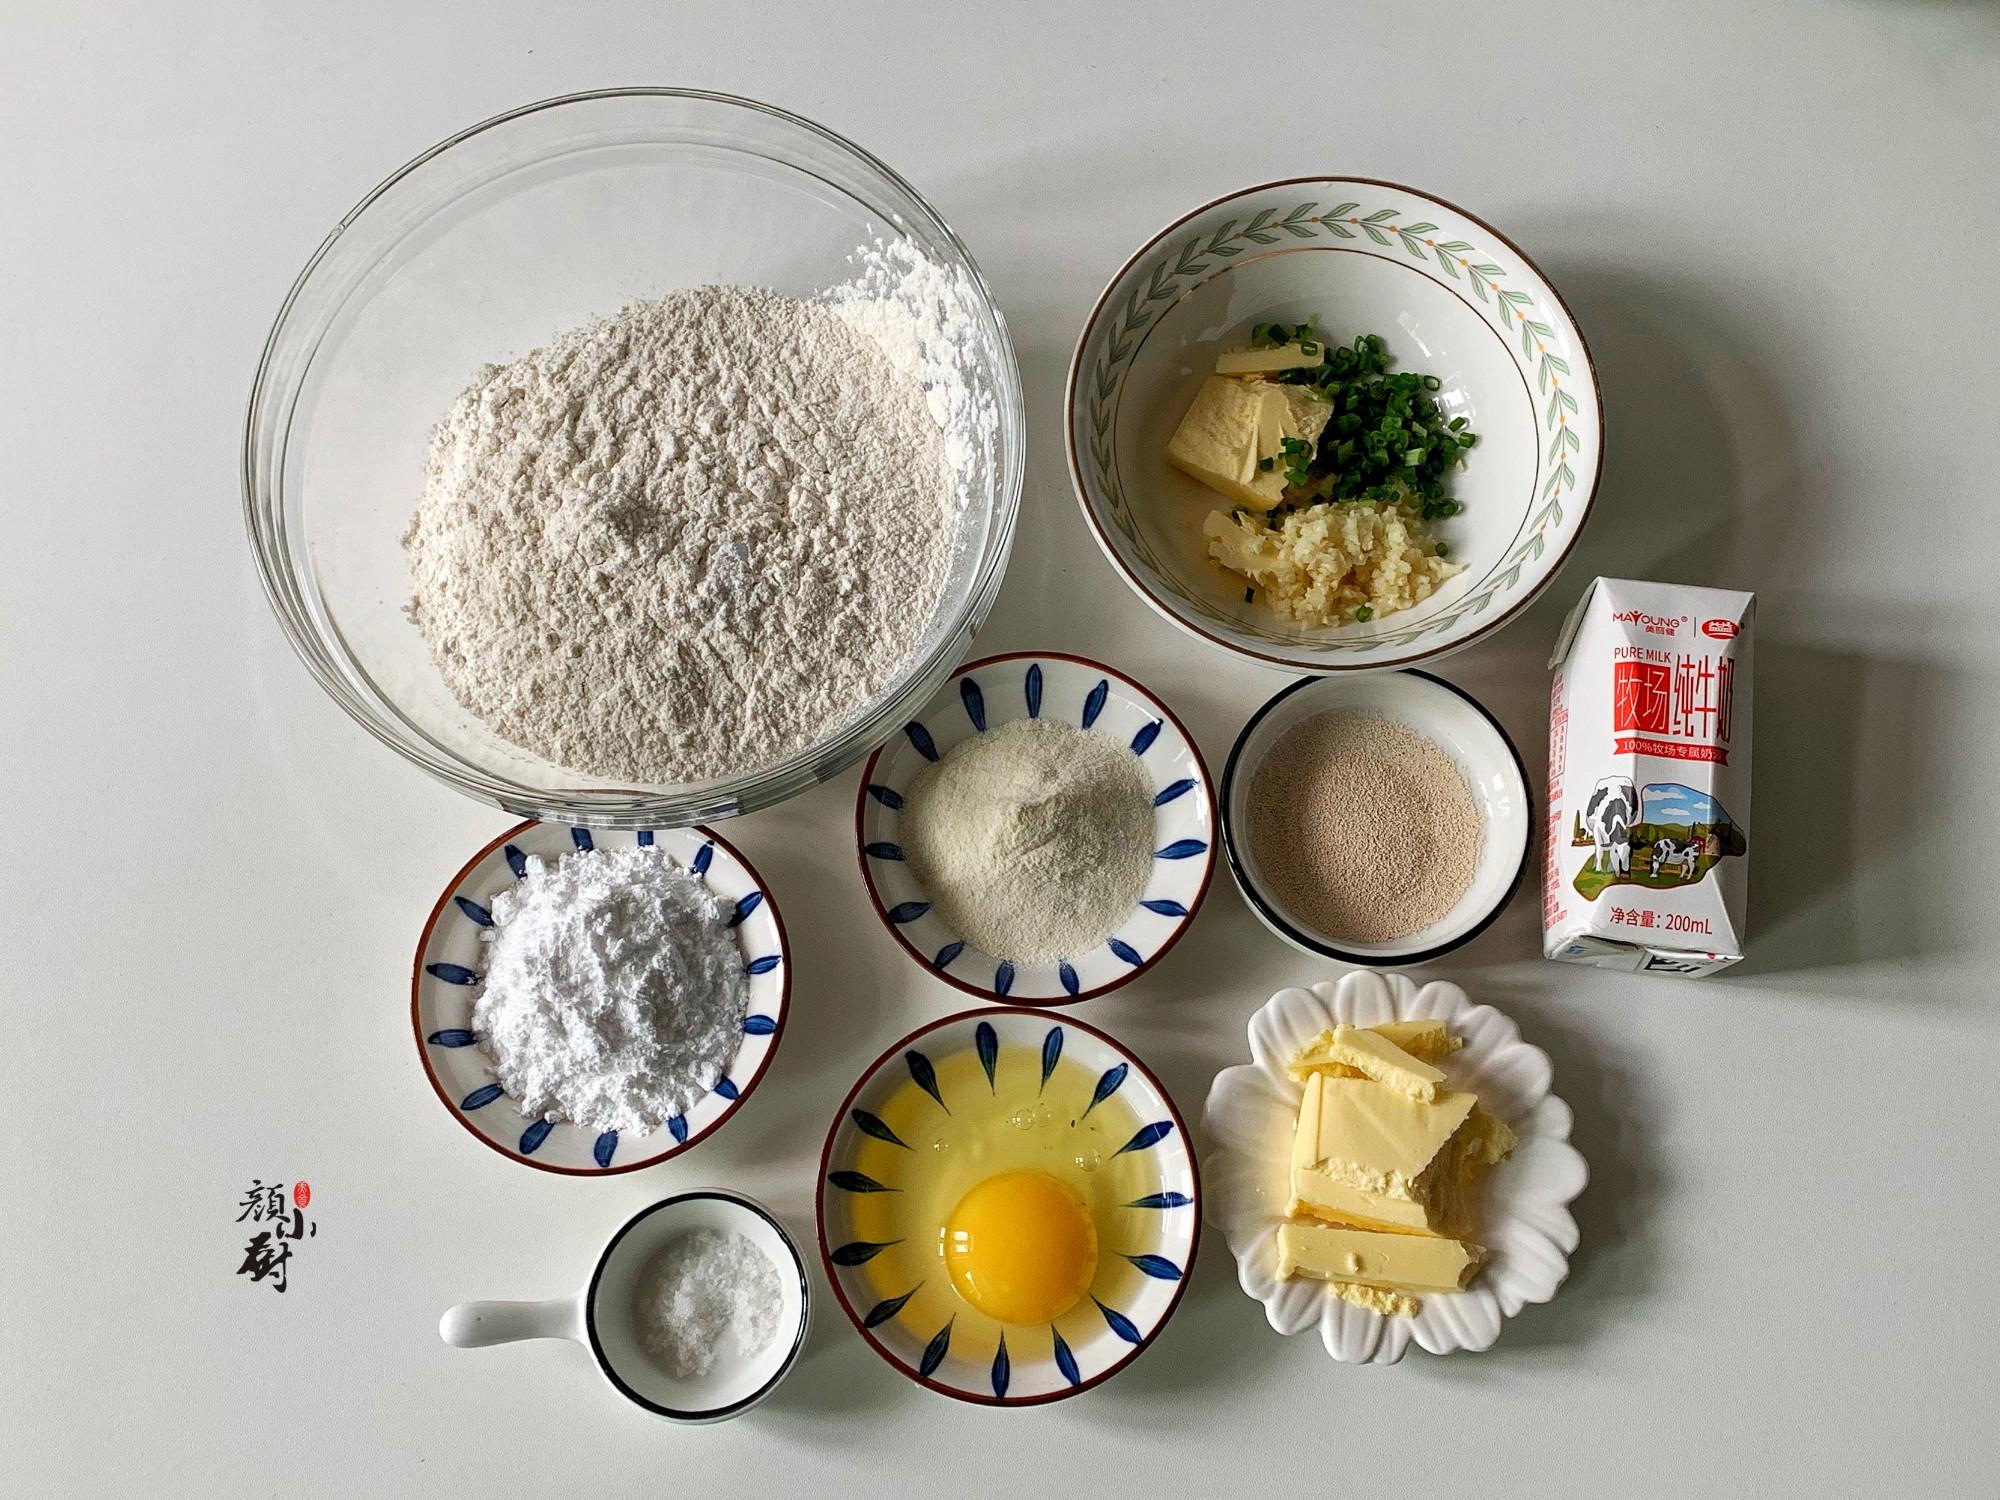 麵包這做法火了,蒜香濃郁,鬆軟拉絲,️一上桌就掃光